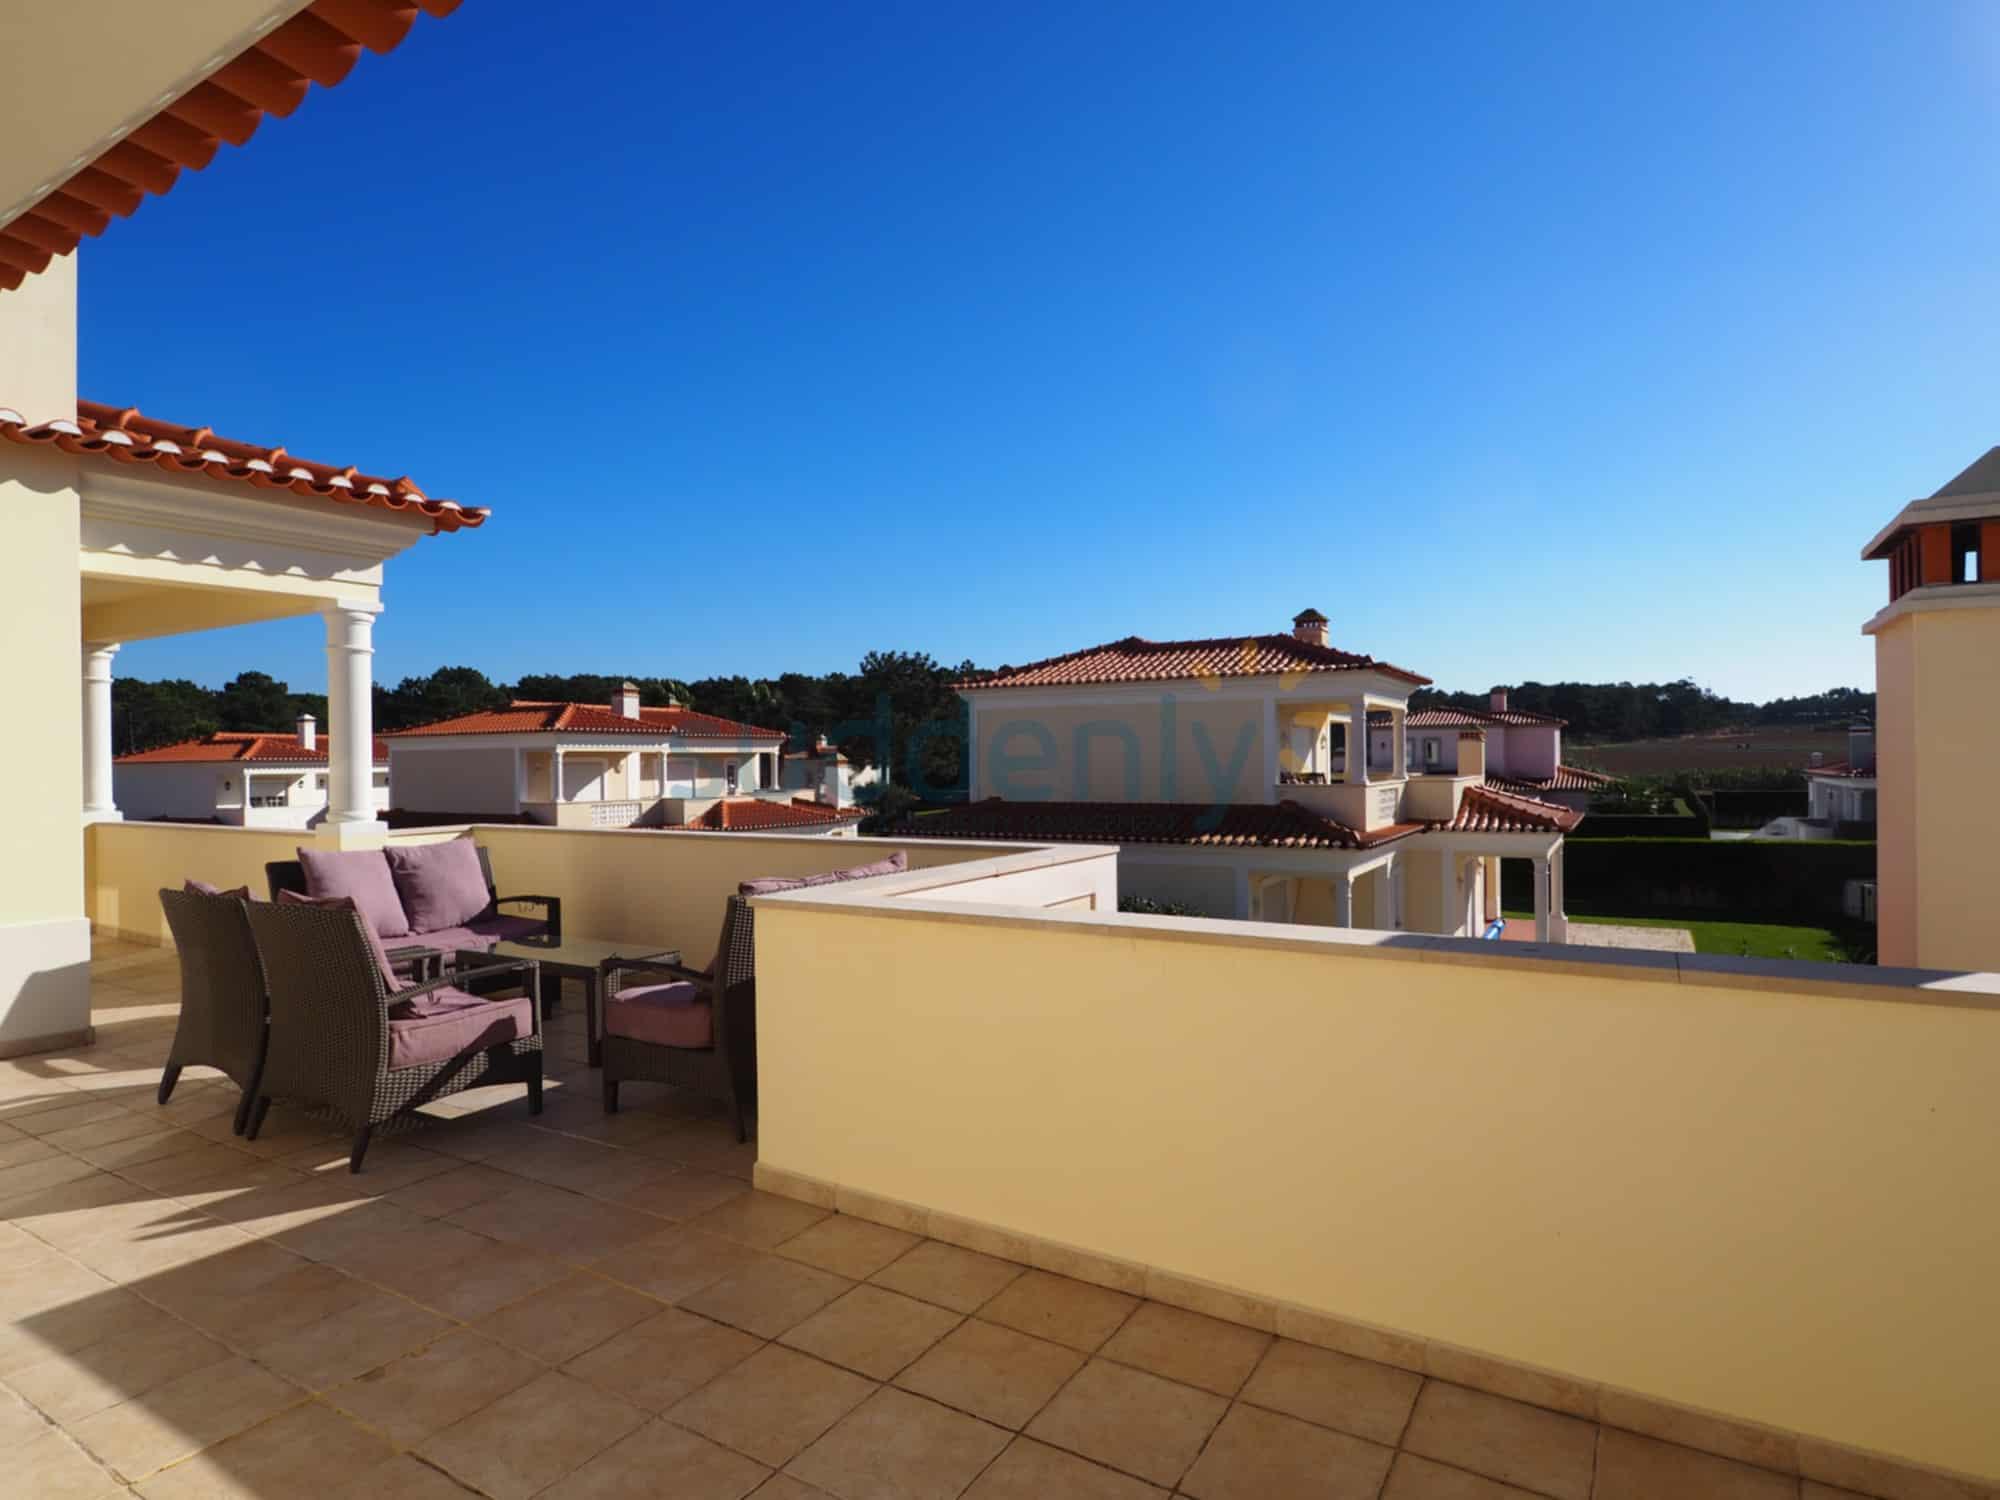 Holiday Rentals in Praia D'El Rey 64